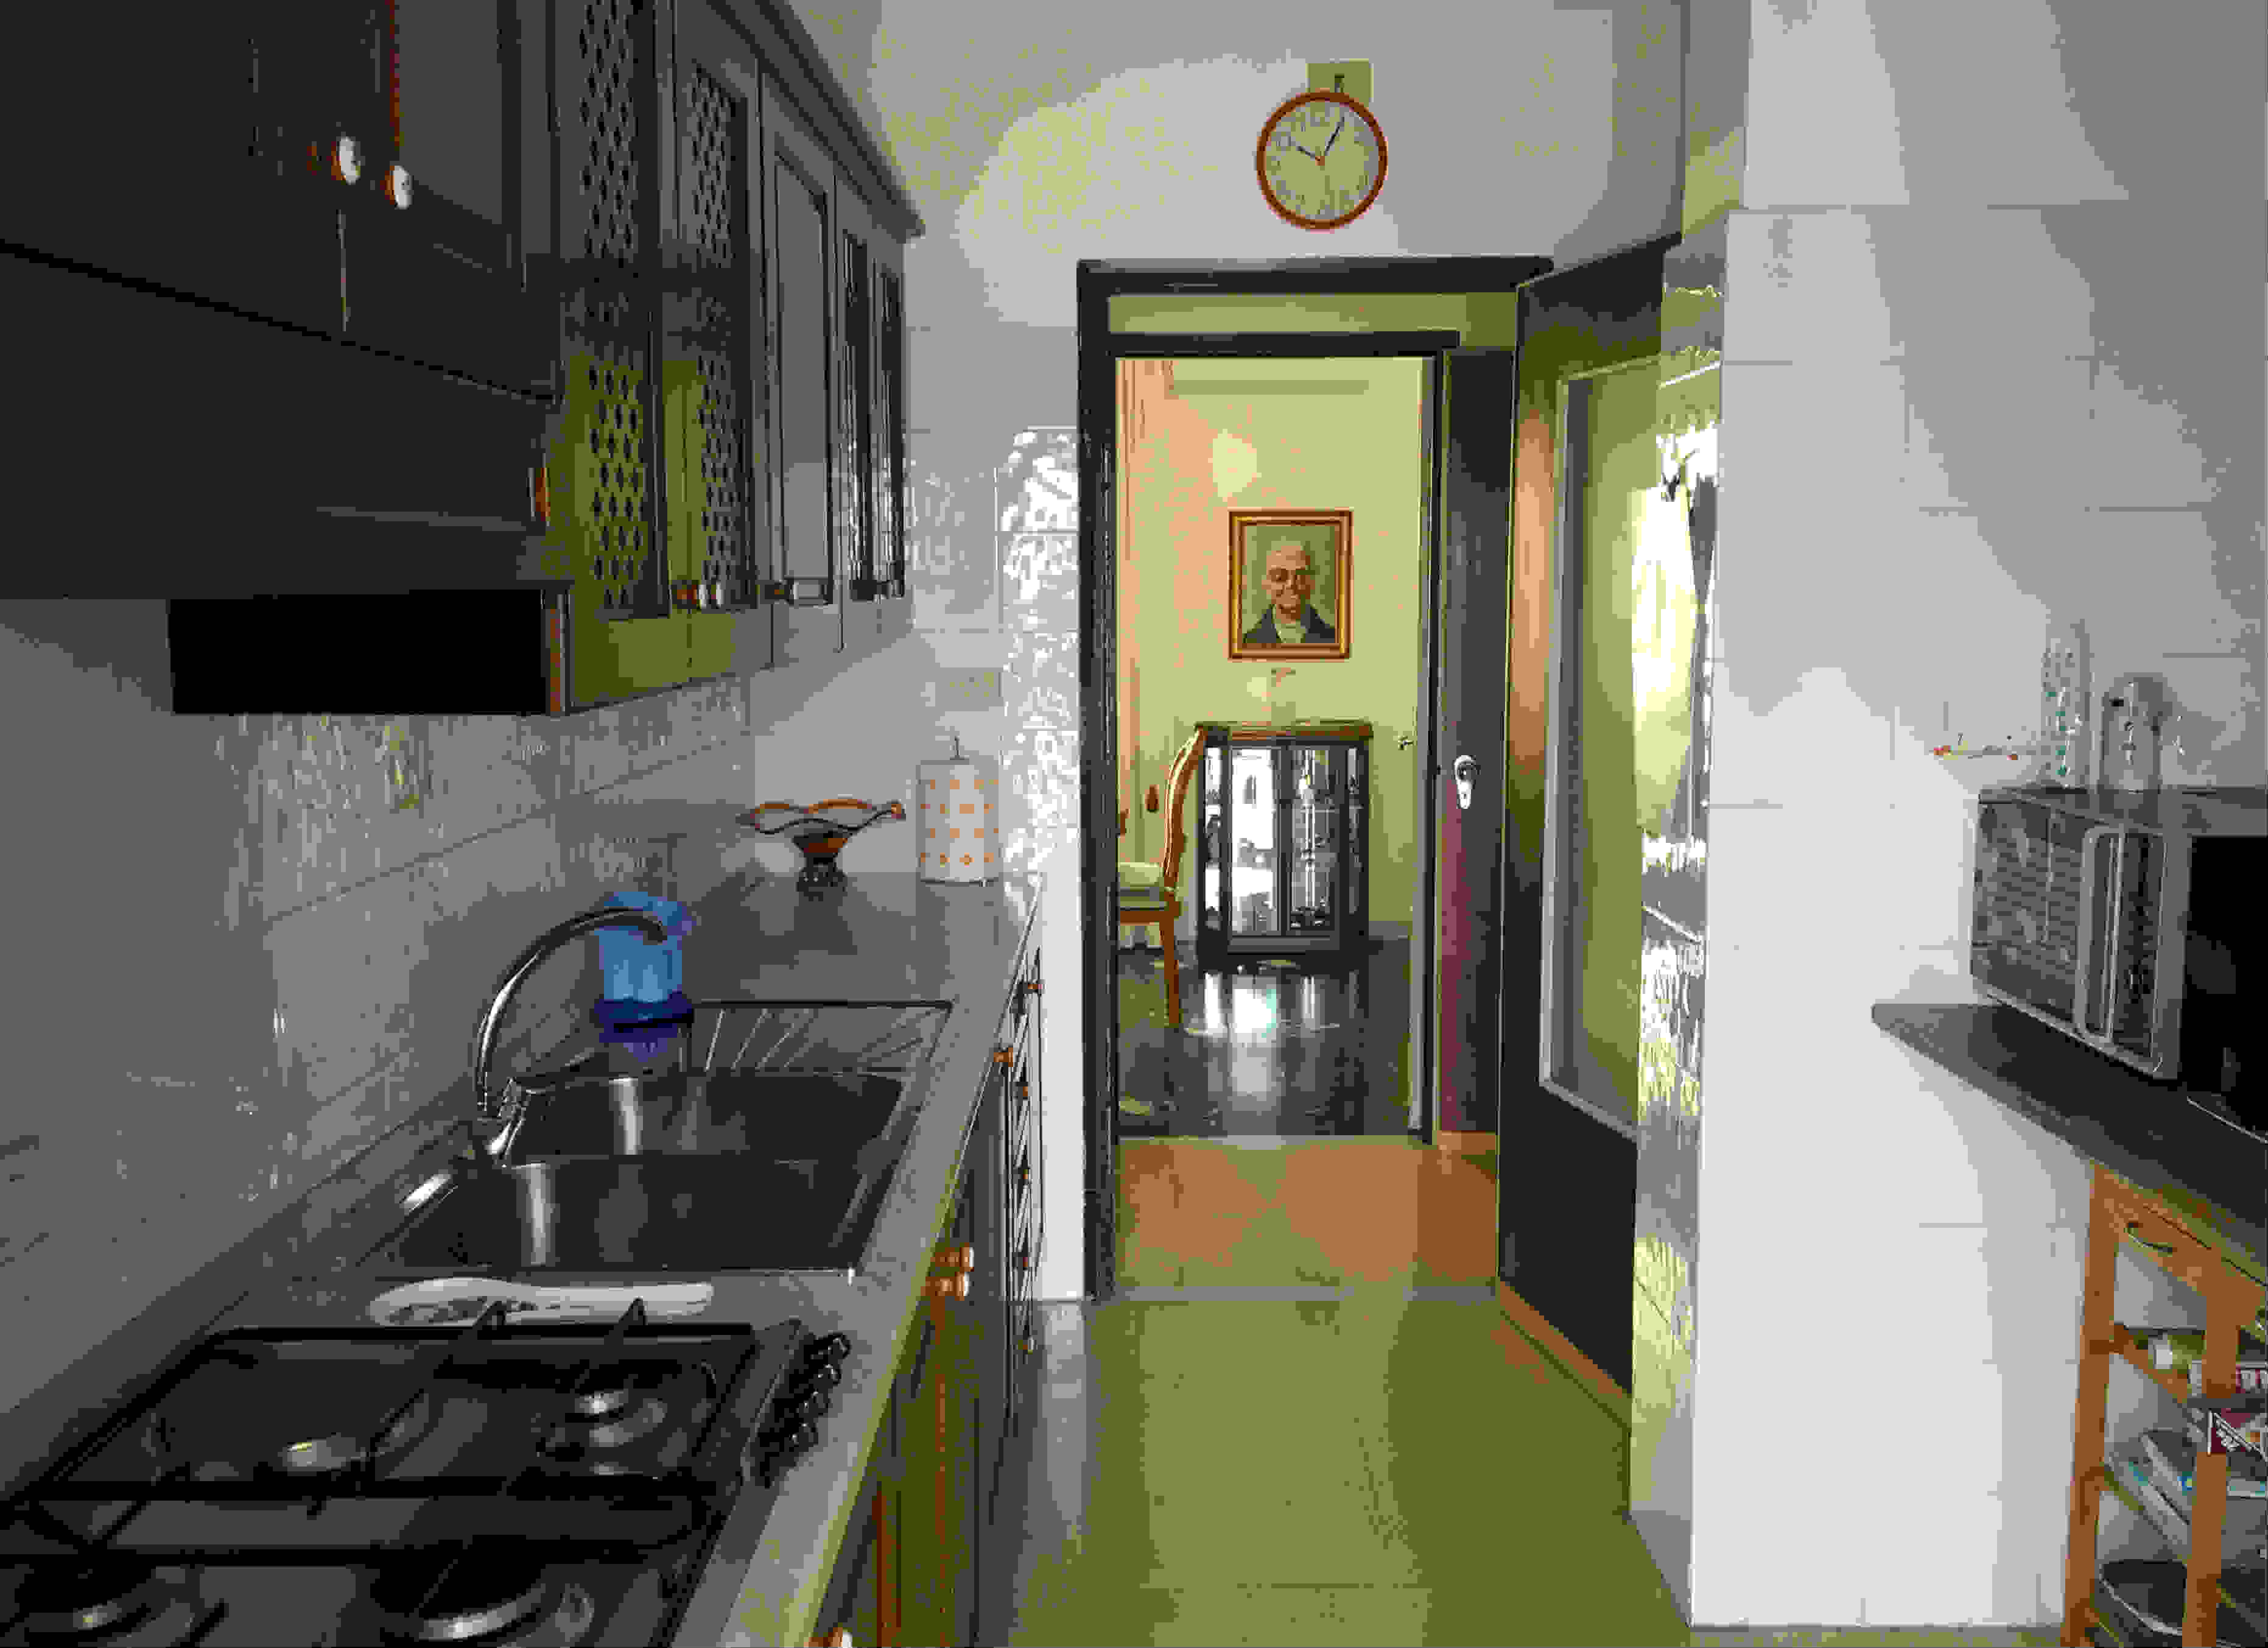 affitto casa vacanze mare olbia 8721 (20180608160638-2018-36133-NDP.JPG)